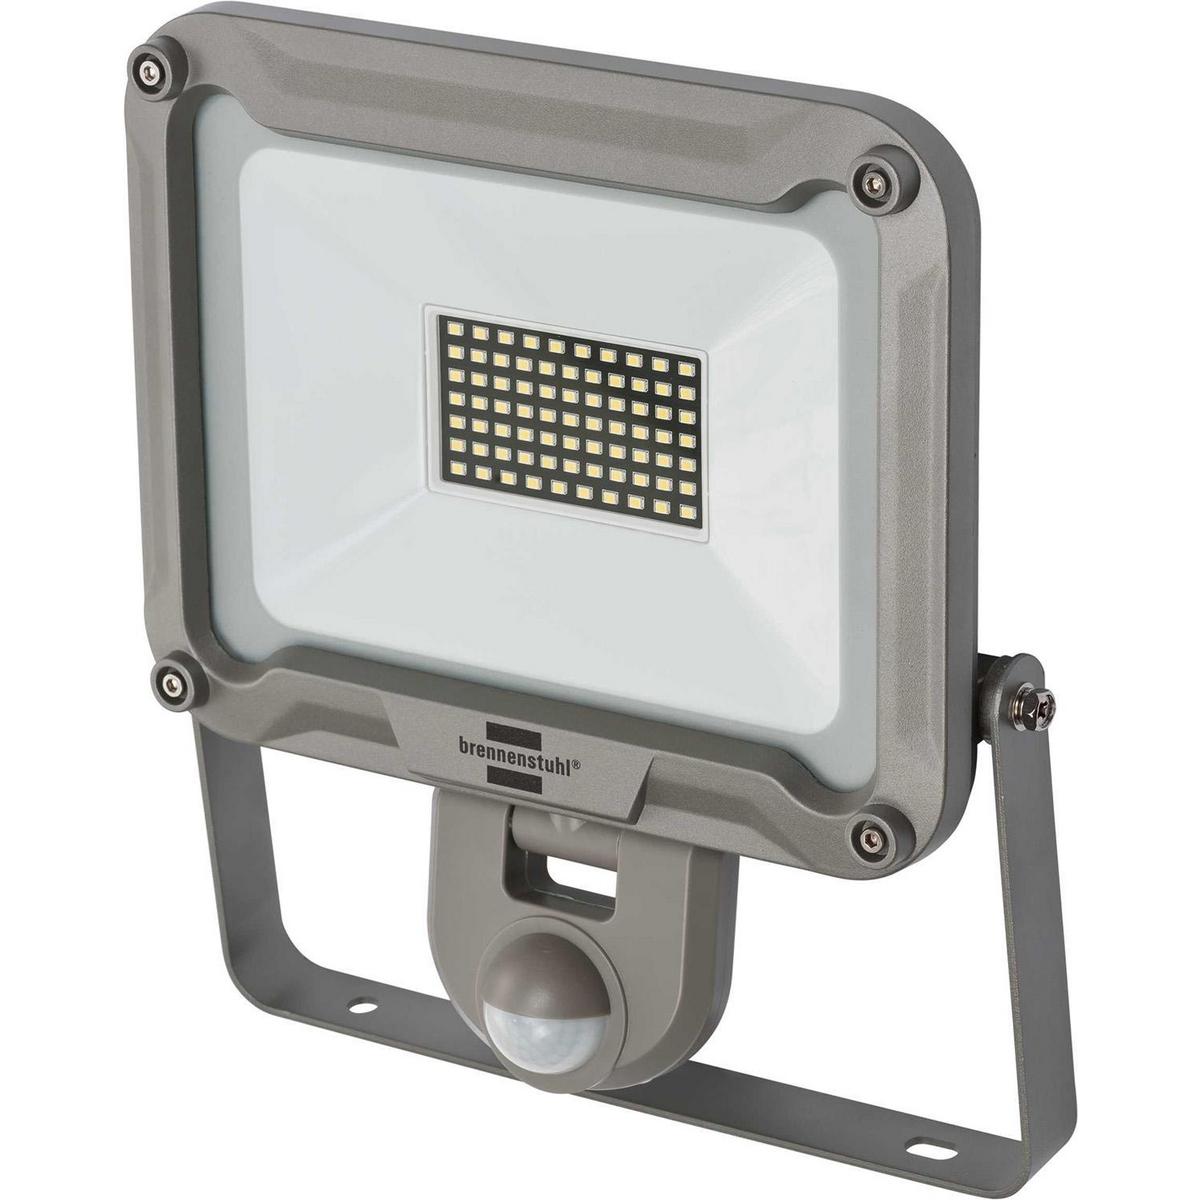 LED-Scheinwerfer mit Sensor 50 W 4770 lm Grau